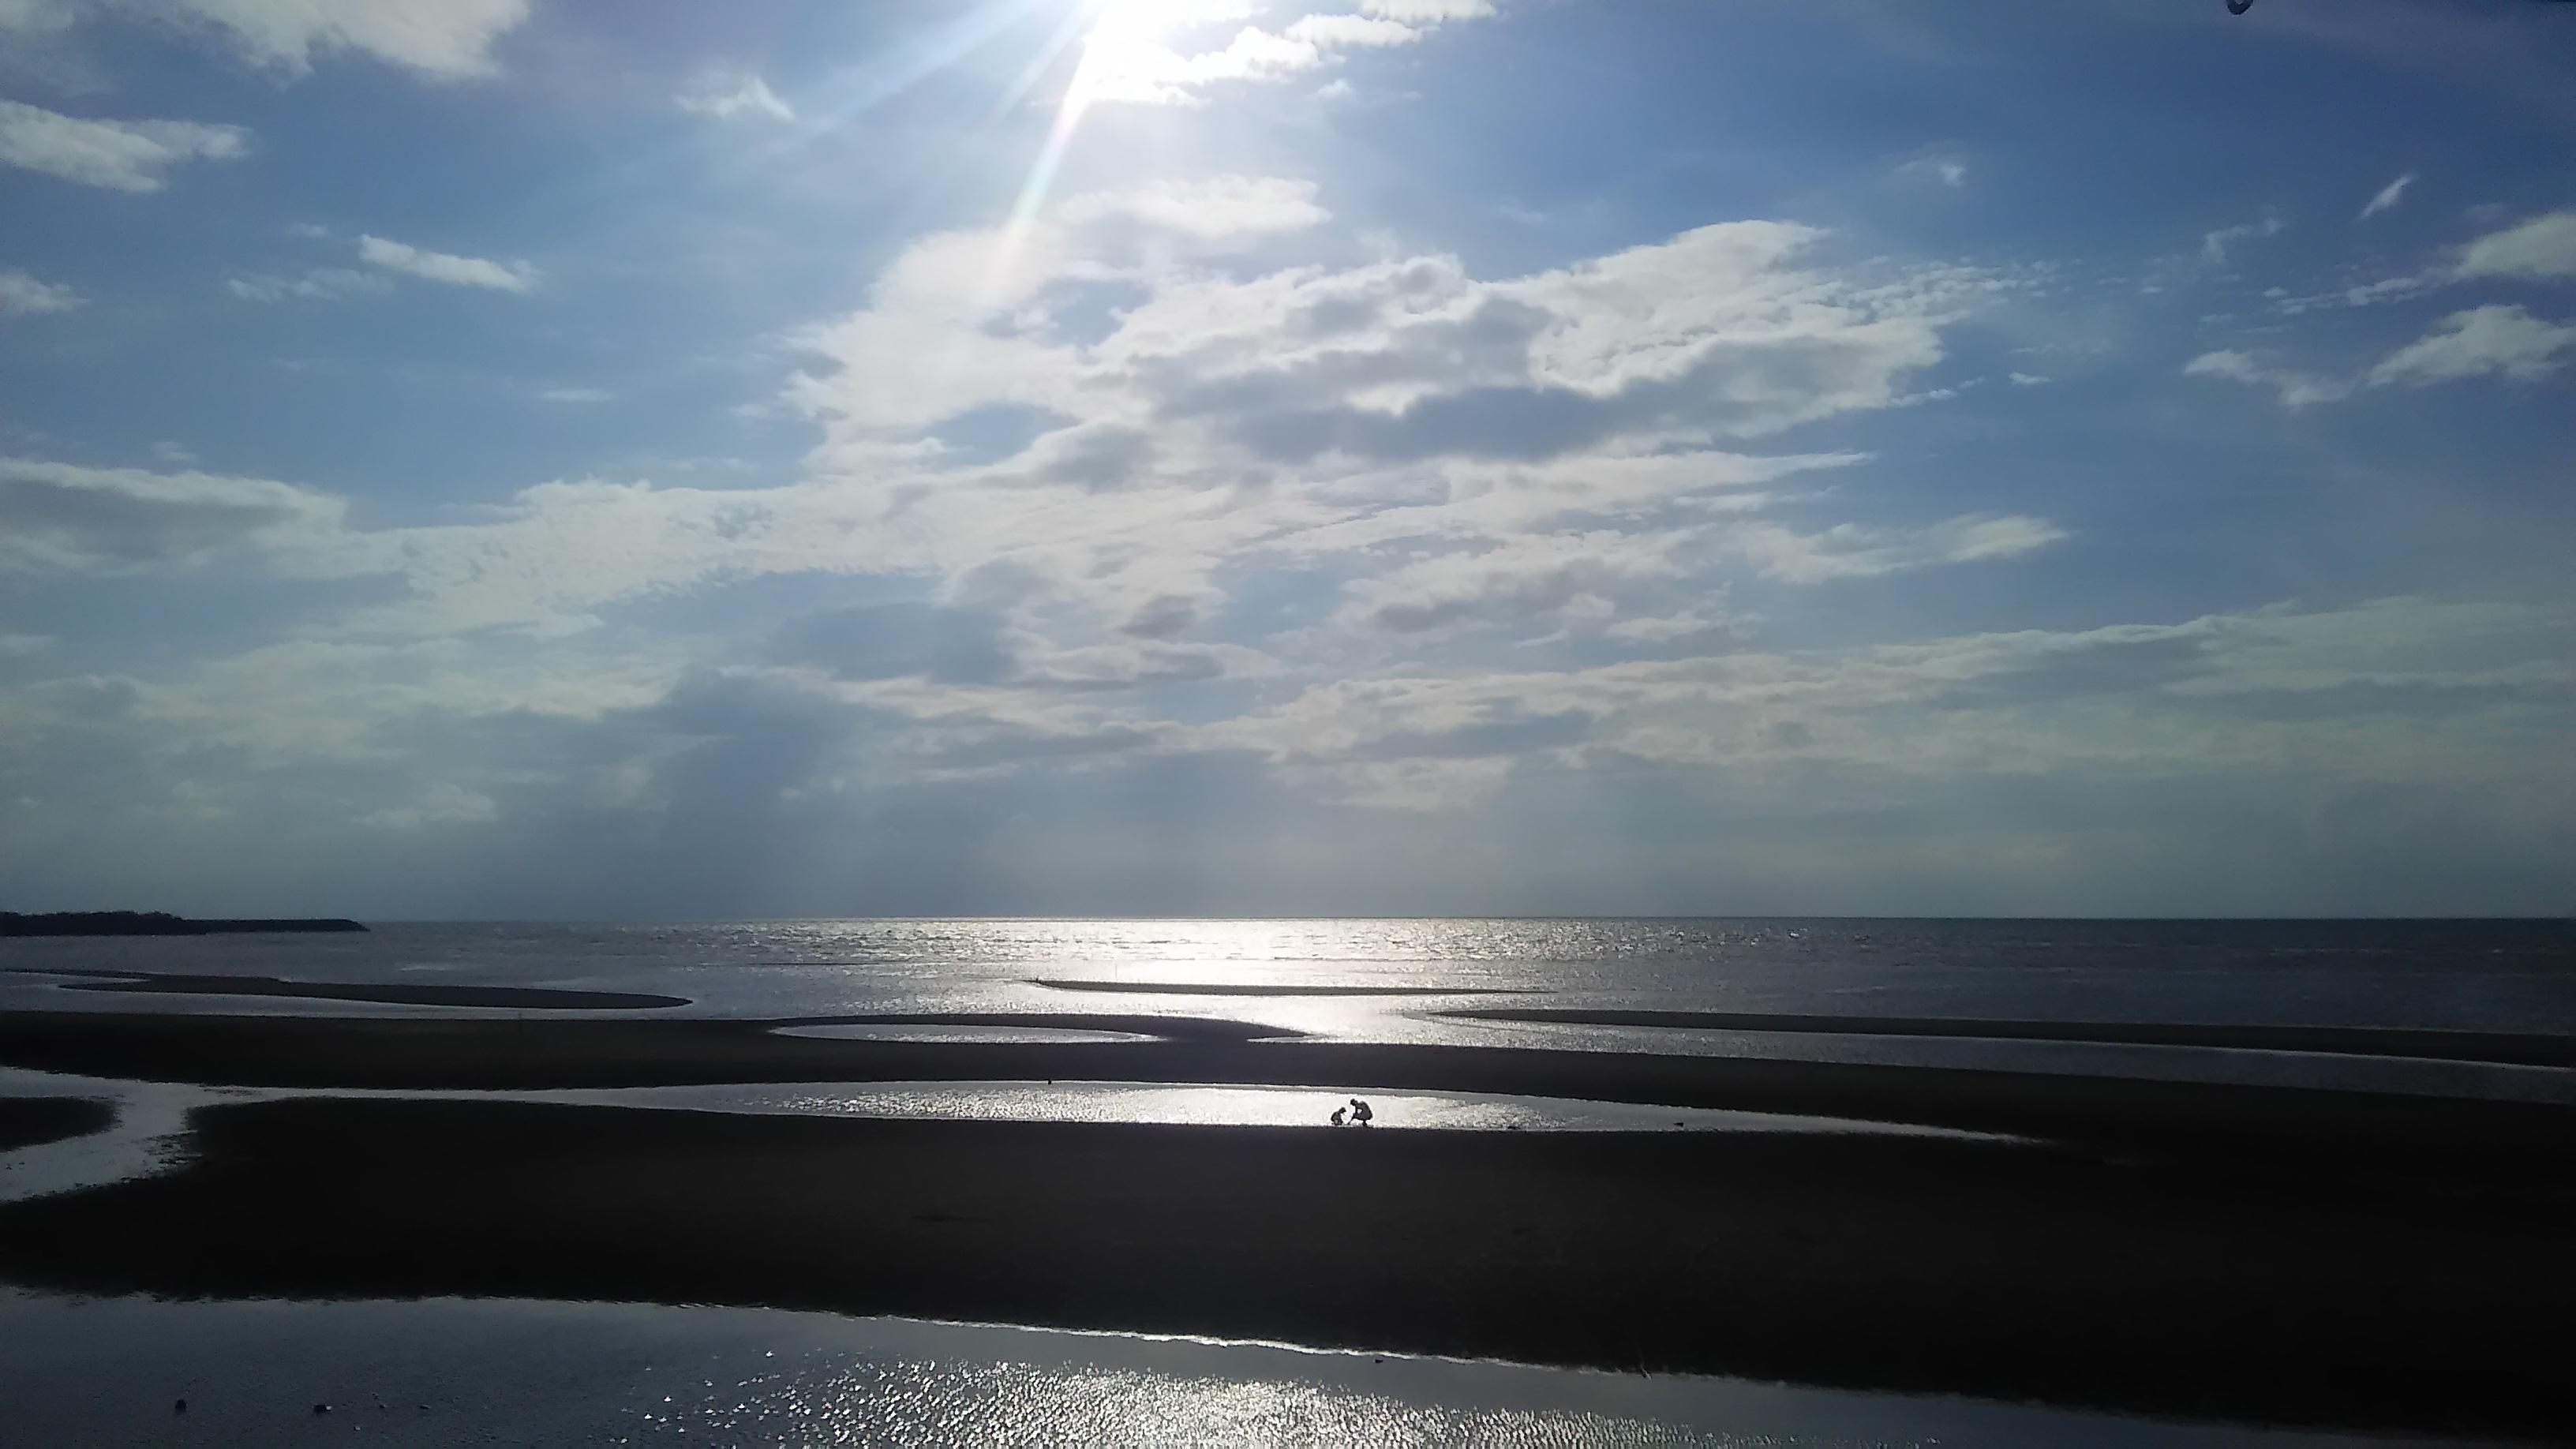 日本の夕日百選に選ばれた真玉海岸